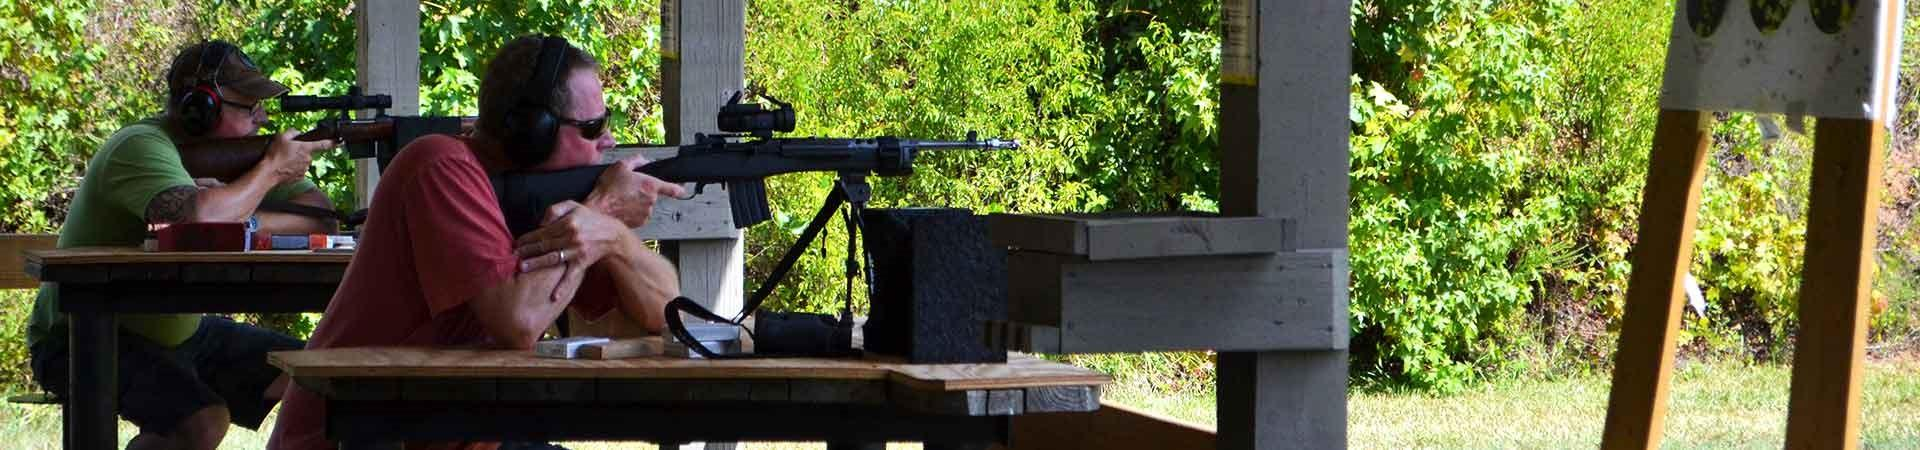 man shooting firearm at range